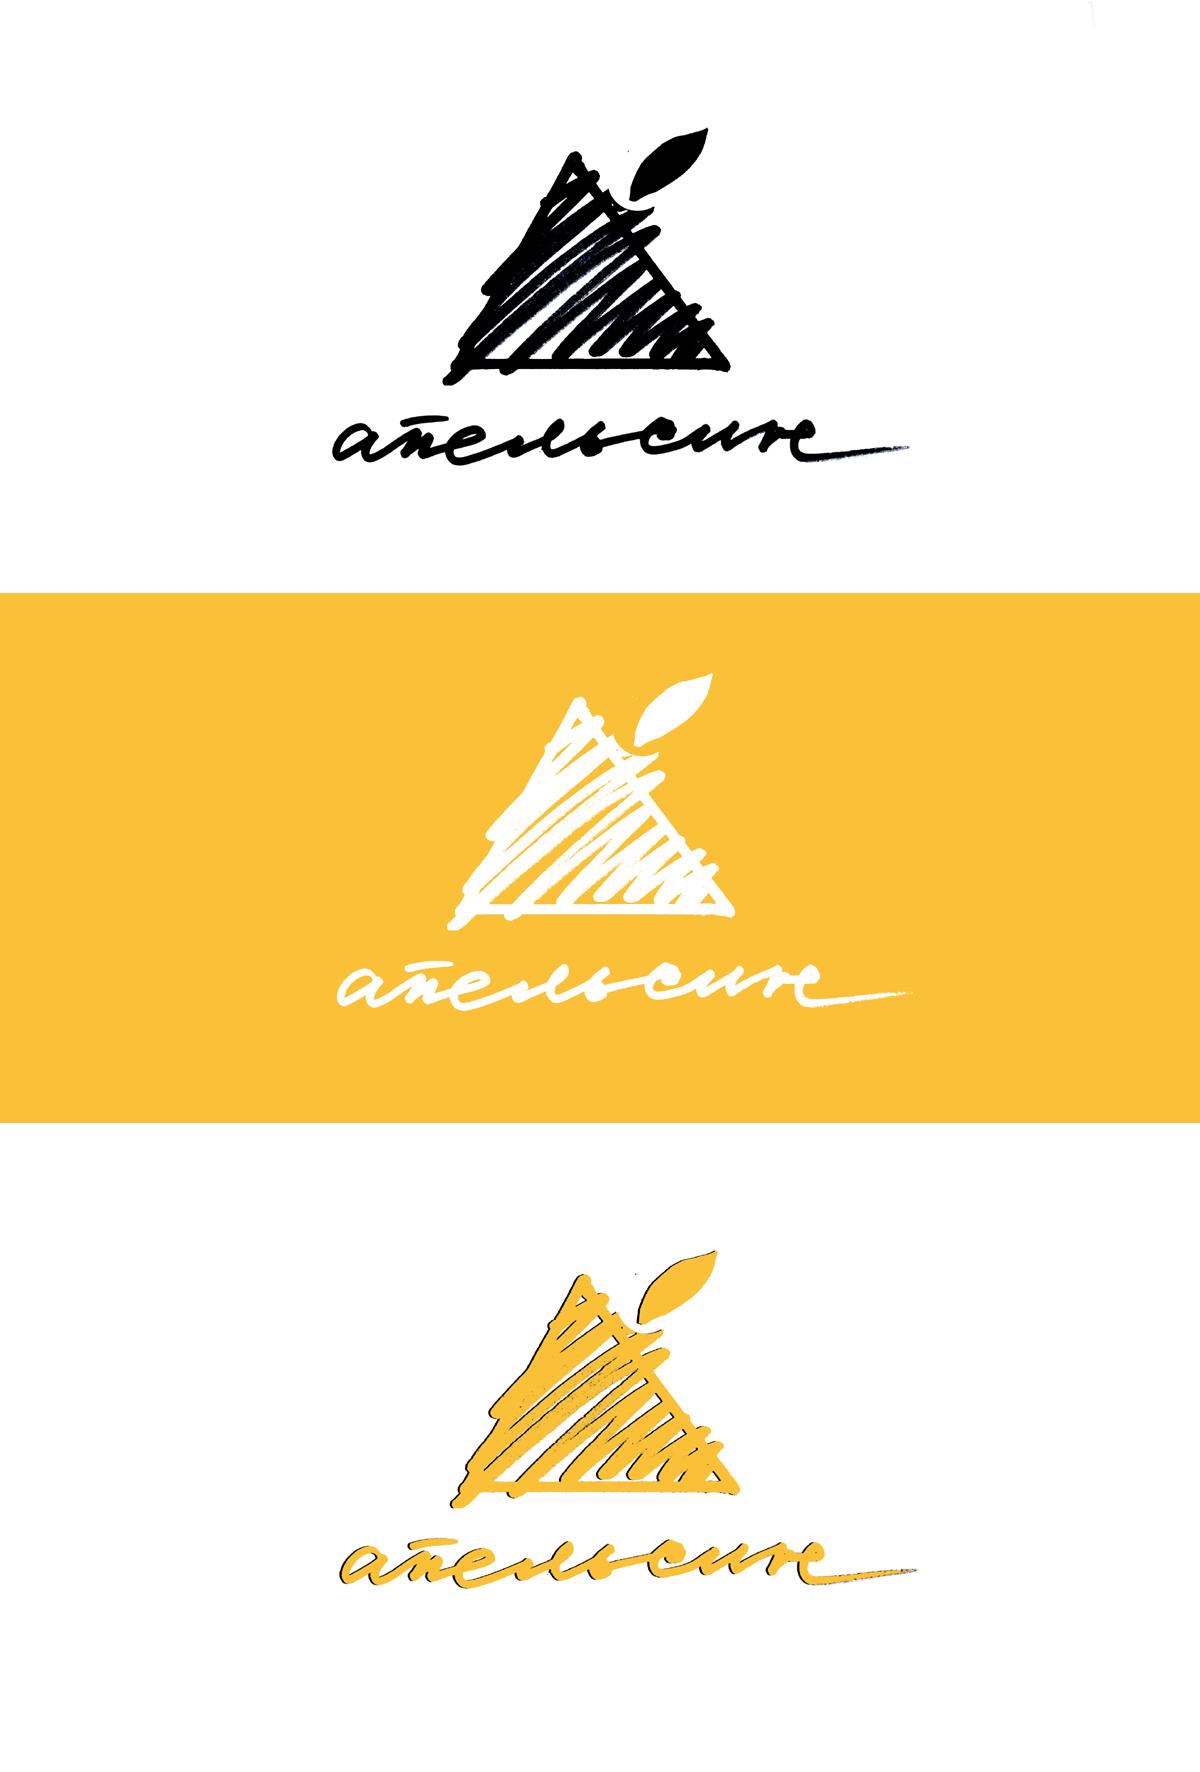 Логотип и фирменный стиль фото f_1905a722ded2554e.jpg